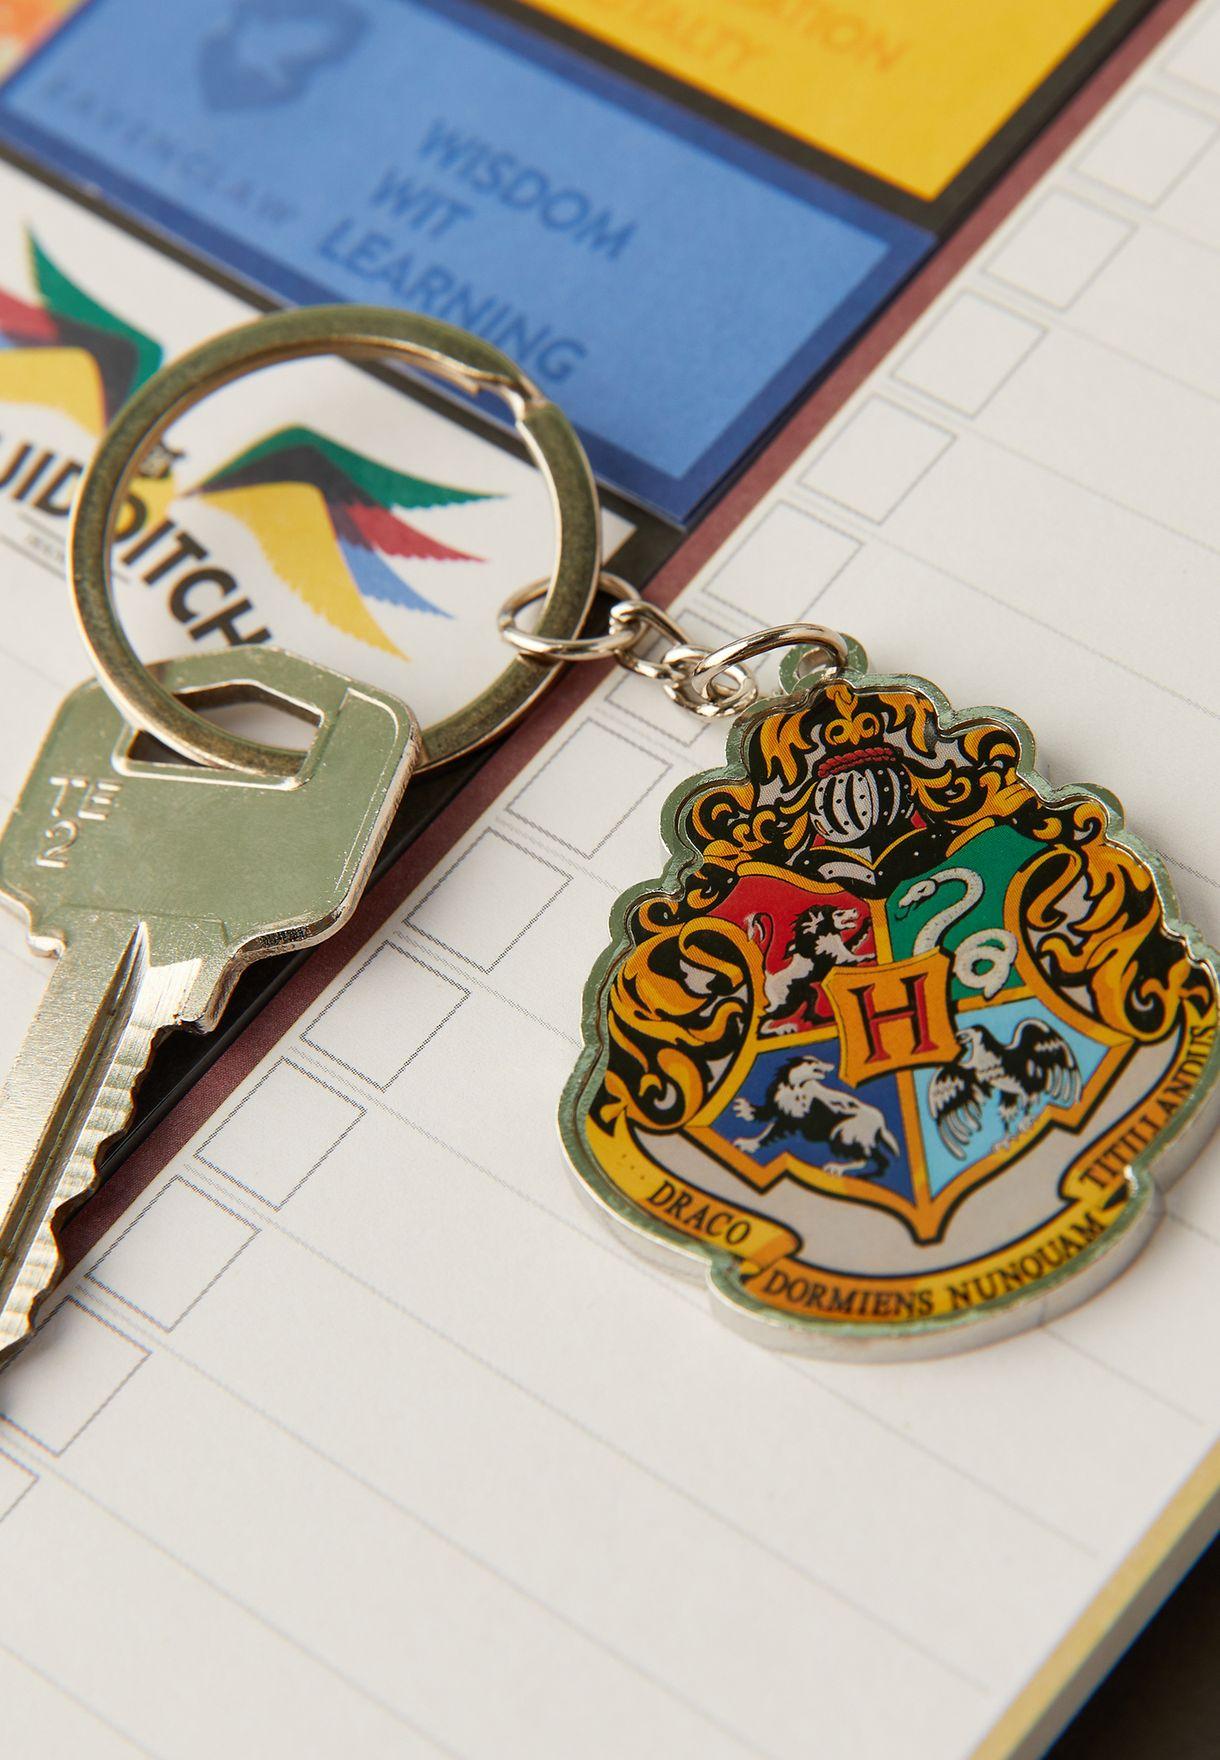 حلقة مفاتيح من مجموعة هاري بوتر